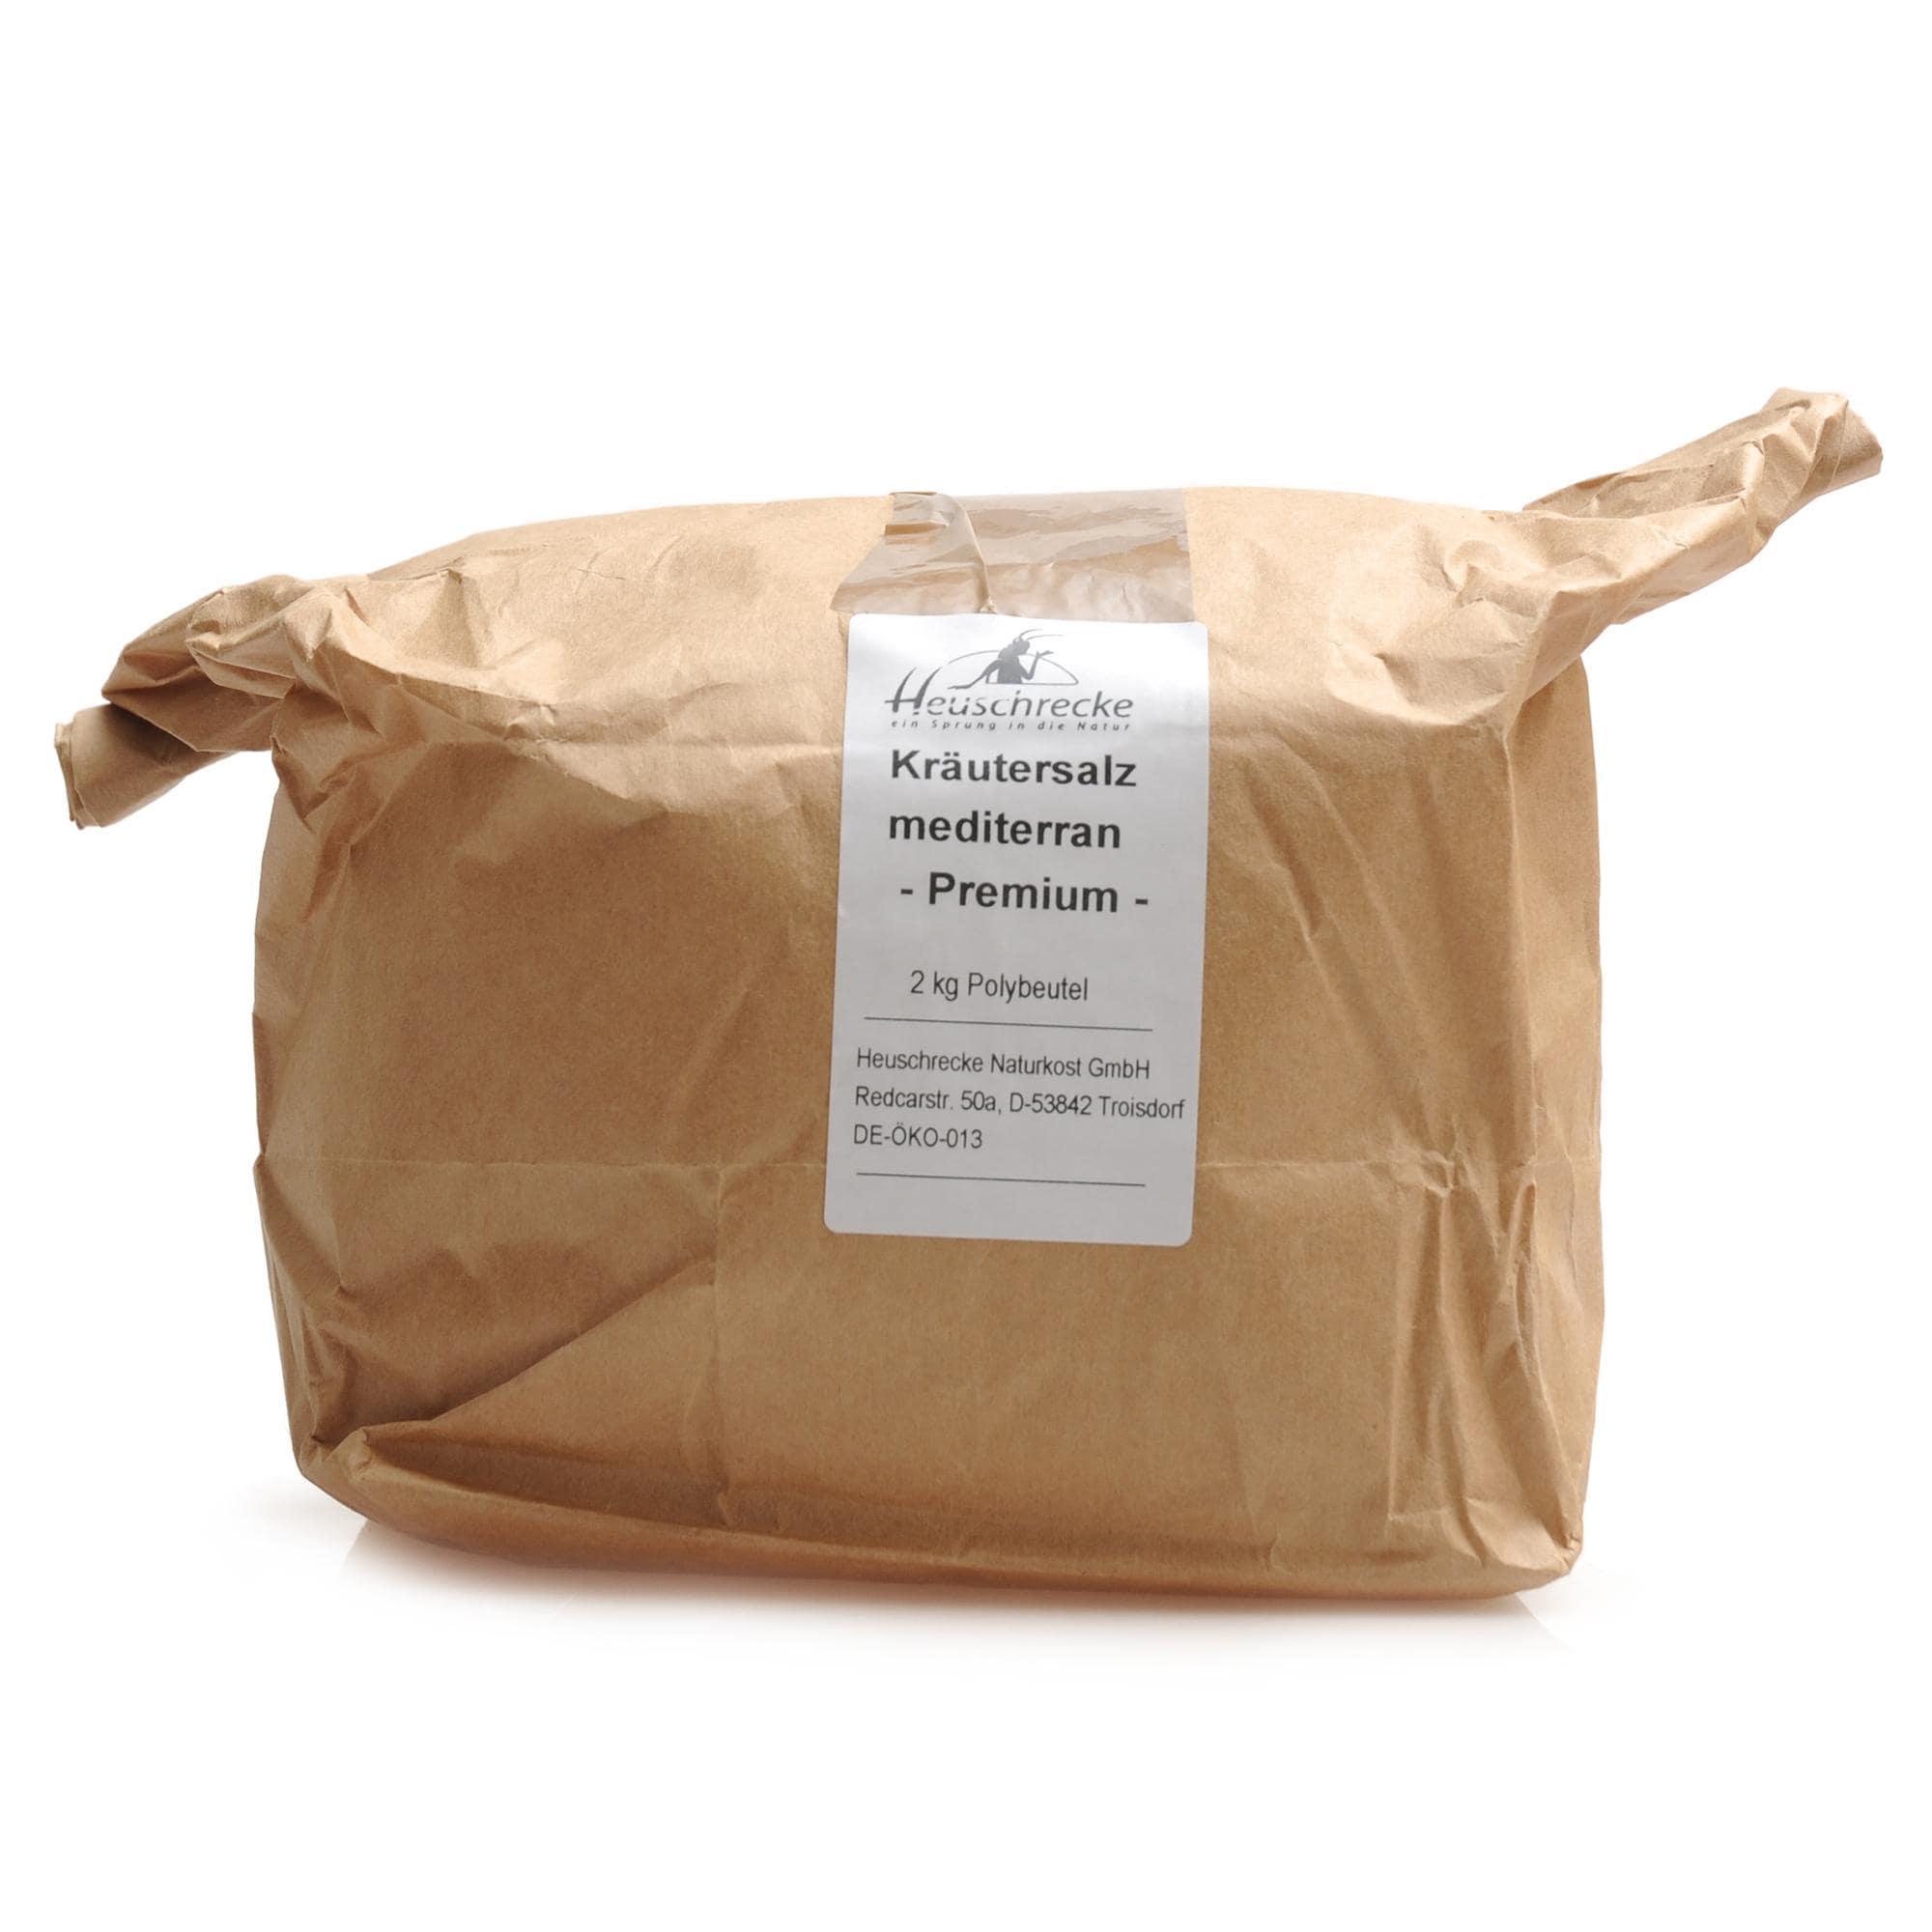 Heuschrecke Bio Kräutersalz mediterran 2 kg